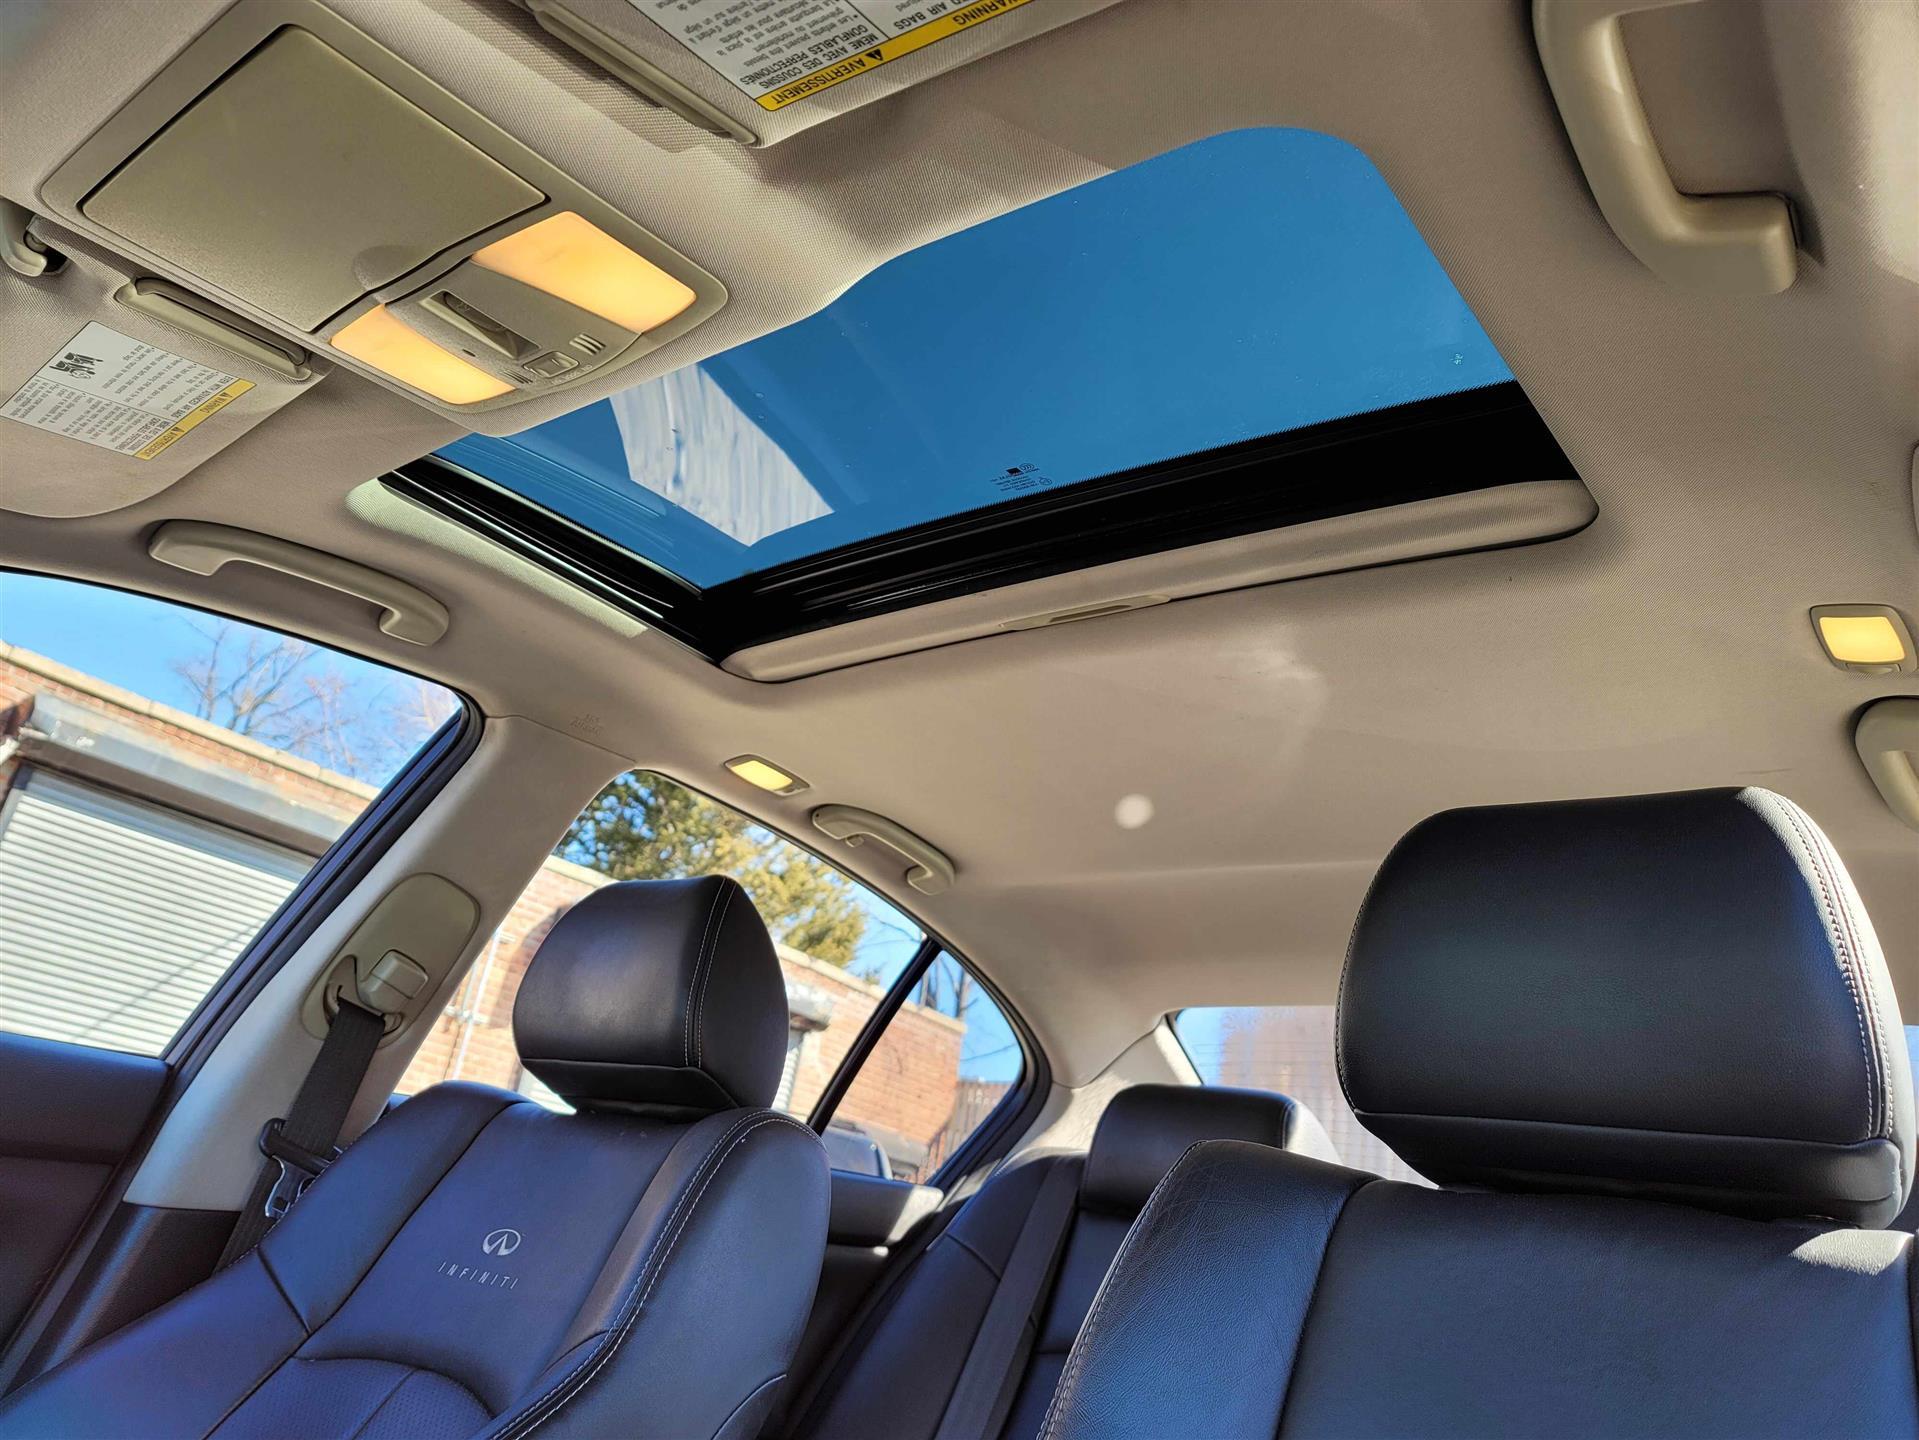 便宜货 2010 Infinti G35 , 才开了66000 miles . 无事故记录。 送外卖最佳, 价格才1万出头,而且记录干净, 附送你们90天保修计划